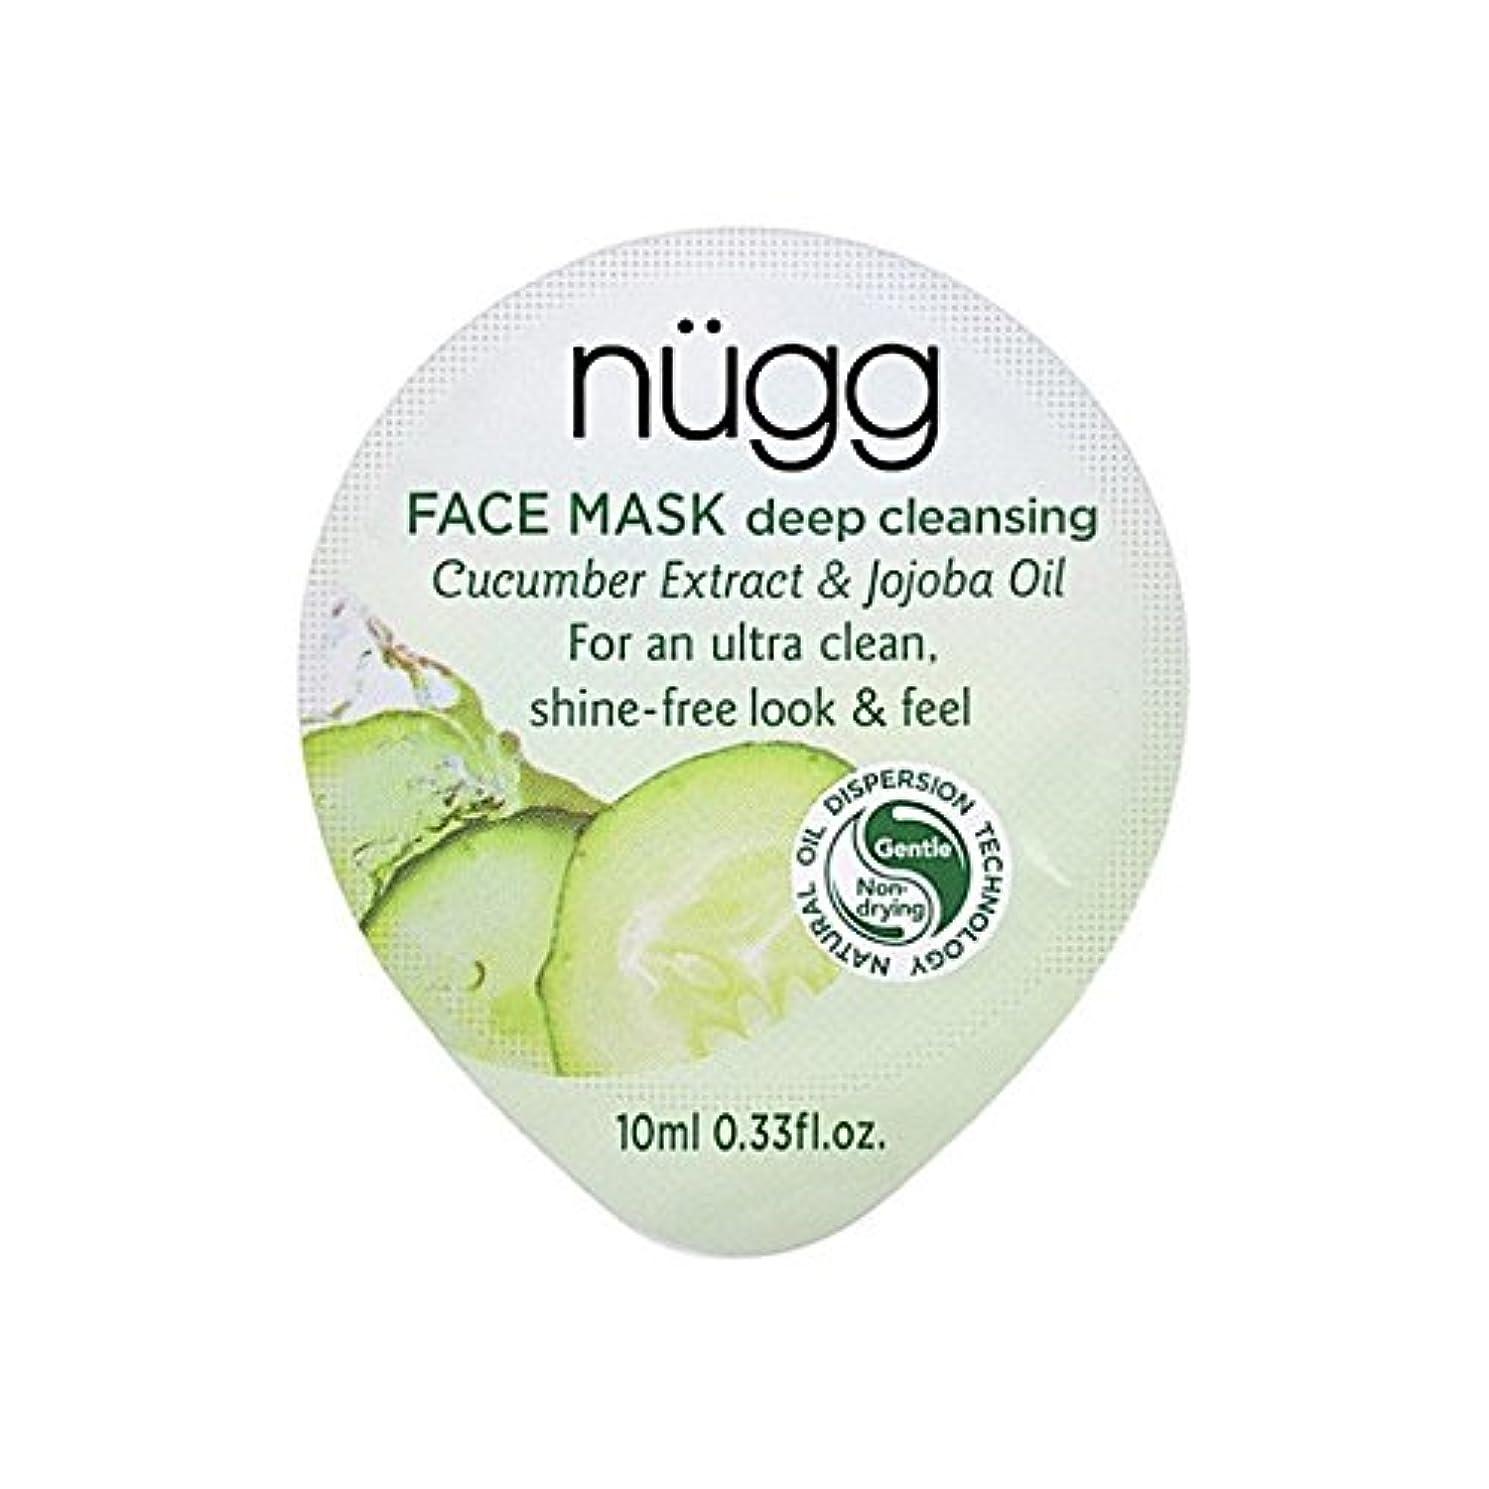 論文ヘビー論理的にディープクレンジングフェイスマスク x2 - Nugg Deep Cleansing Face Mask (Pack of 2) [並行輸入品]